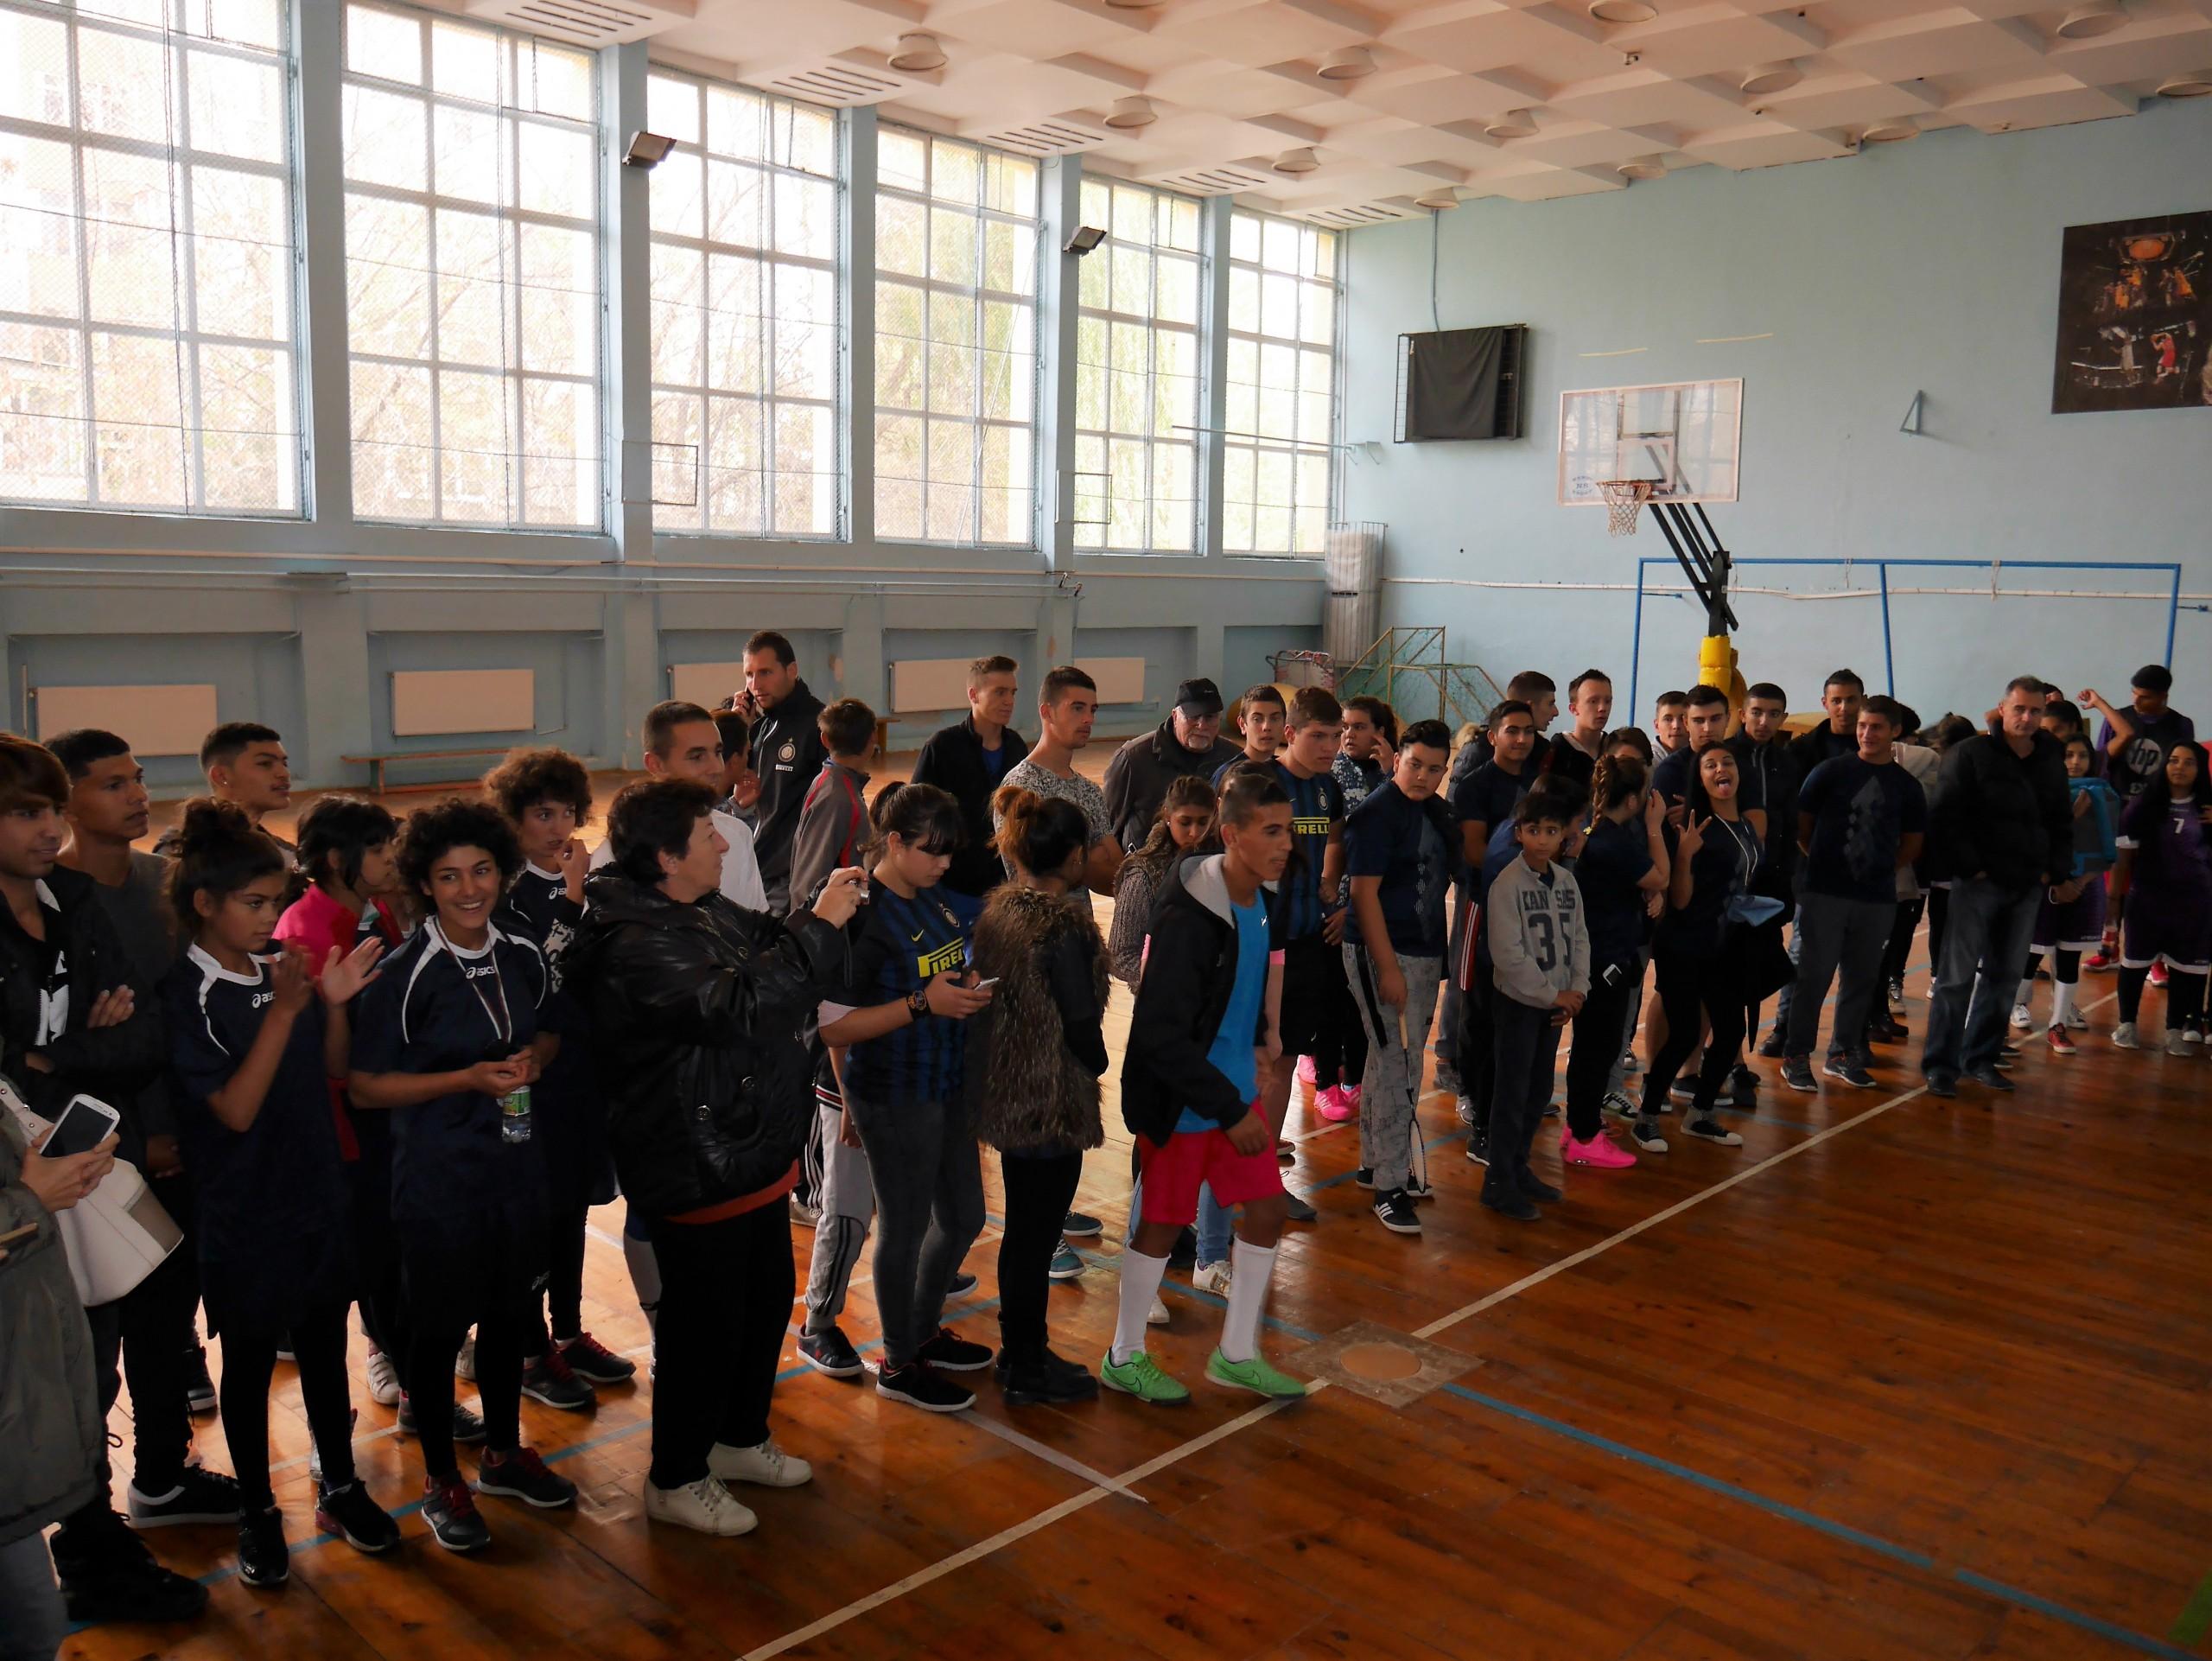 Деца и младежи в риск с отлични изяви по време на спортен празник